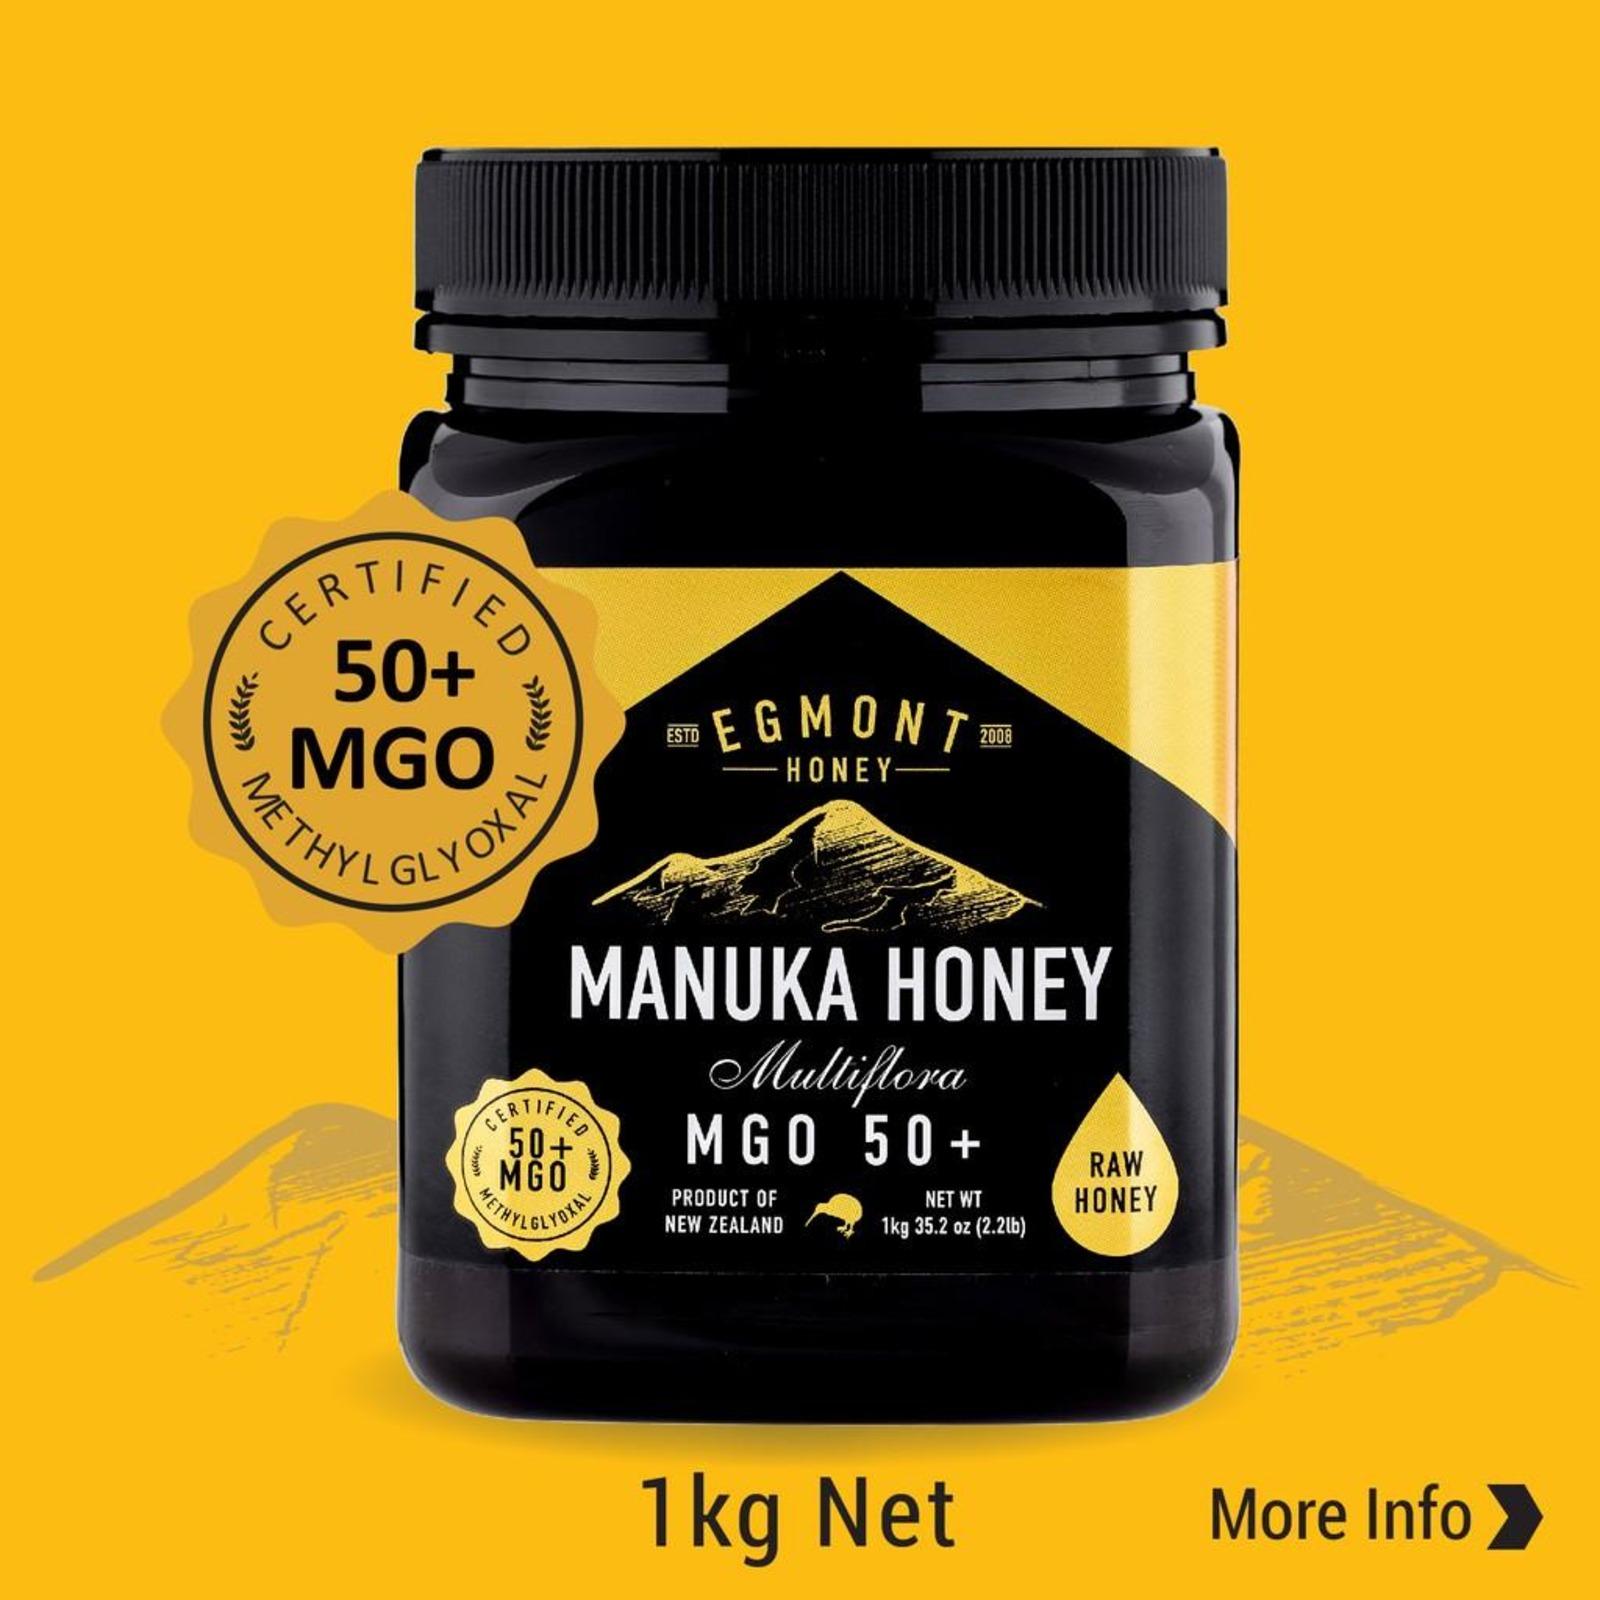 Egmont MGO 50+ Manuka Honey